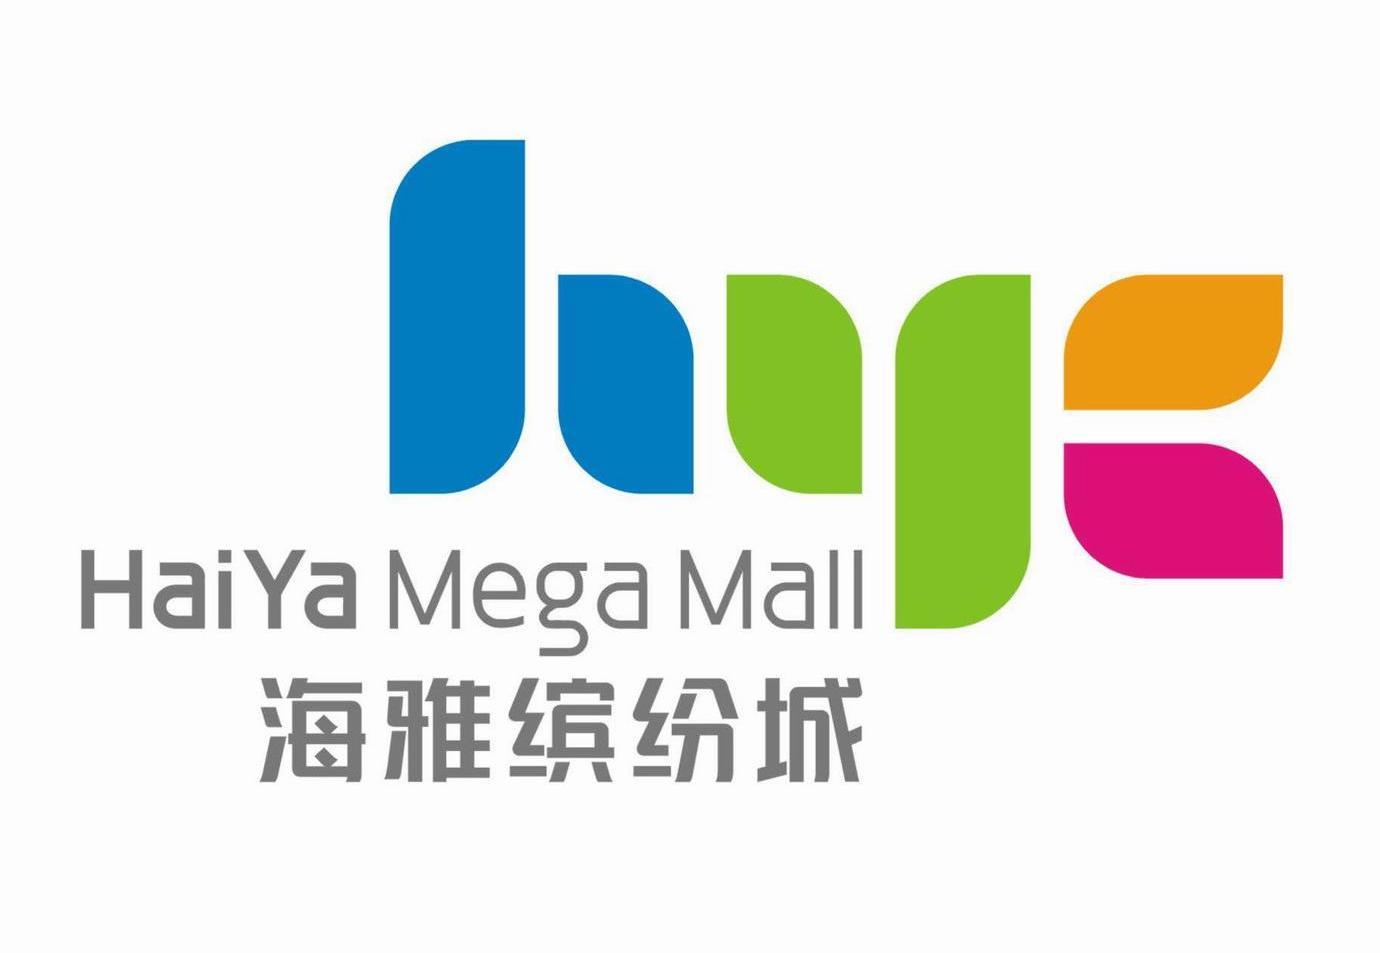 logo logo 标志 设计 矢量 矢量图 素材 图标 1380_953